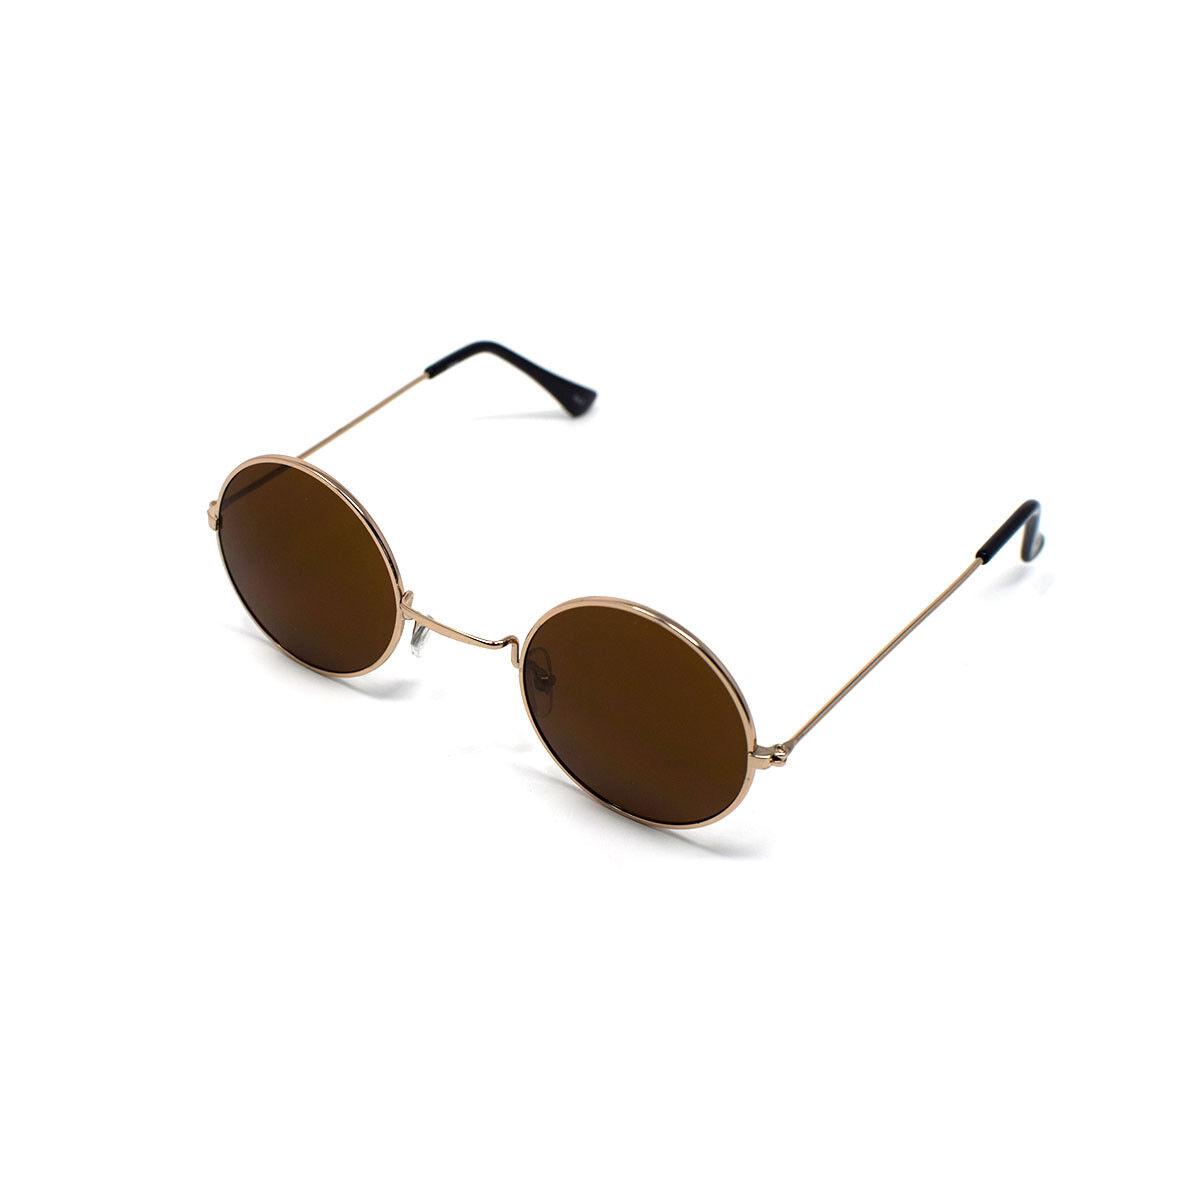 Gold mit Braune Gläser Erwachsene S Style UV400 Runde Sonnenbrille ...